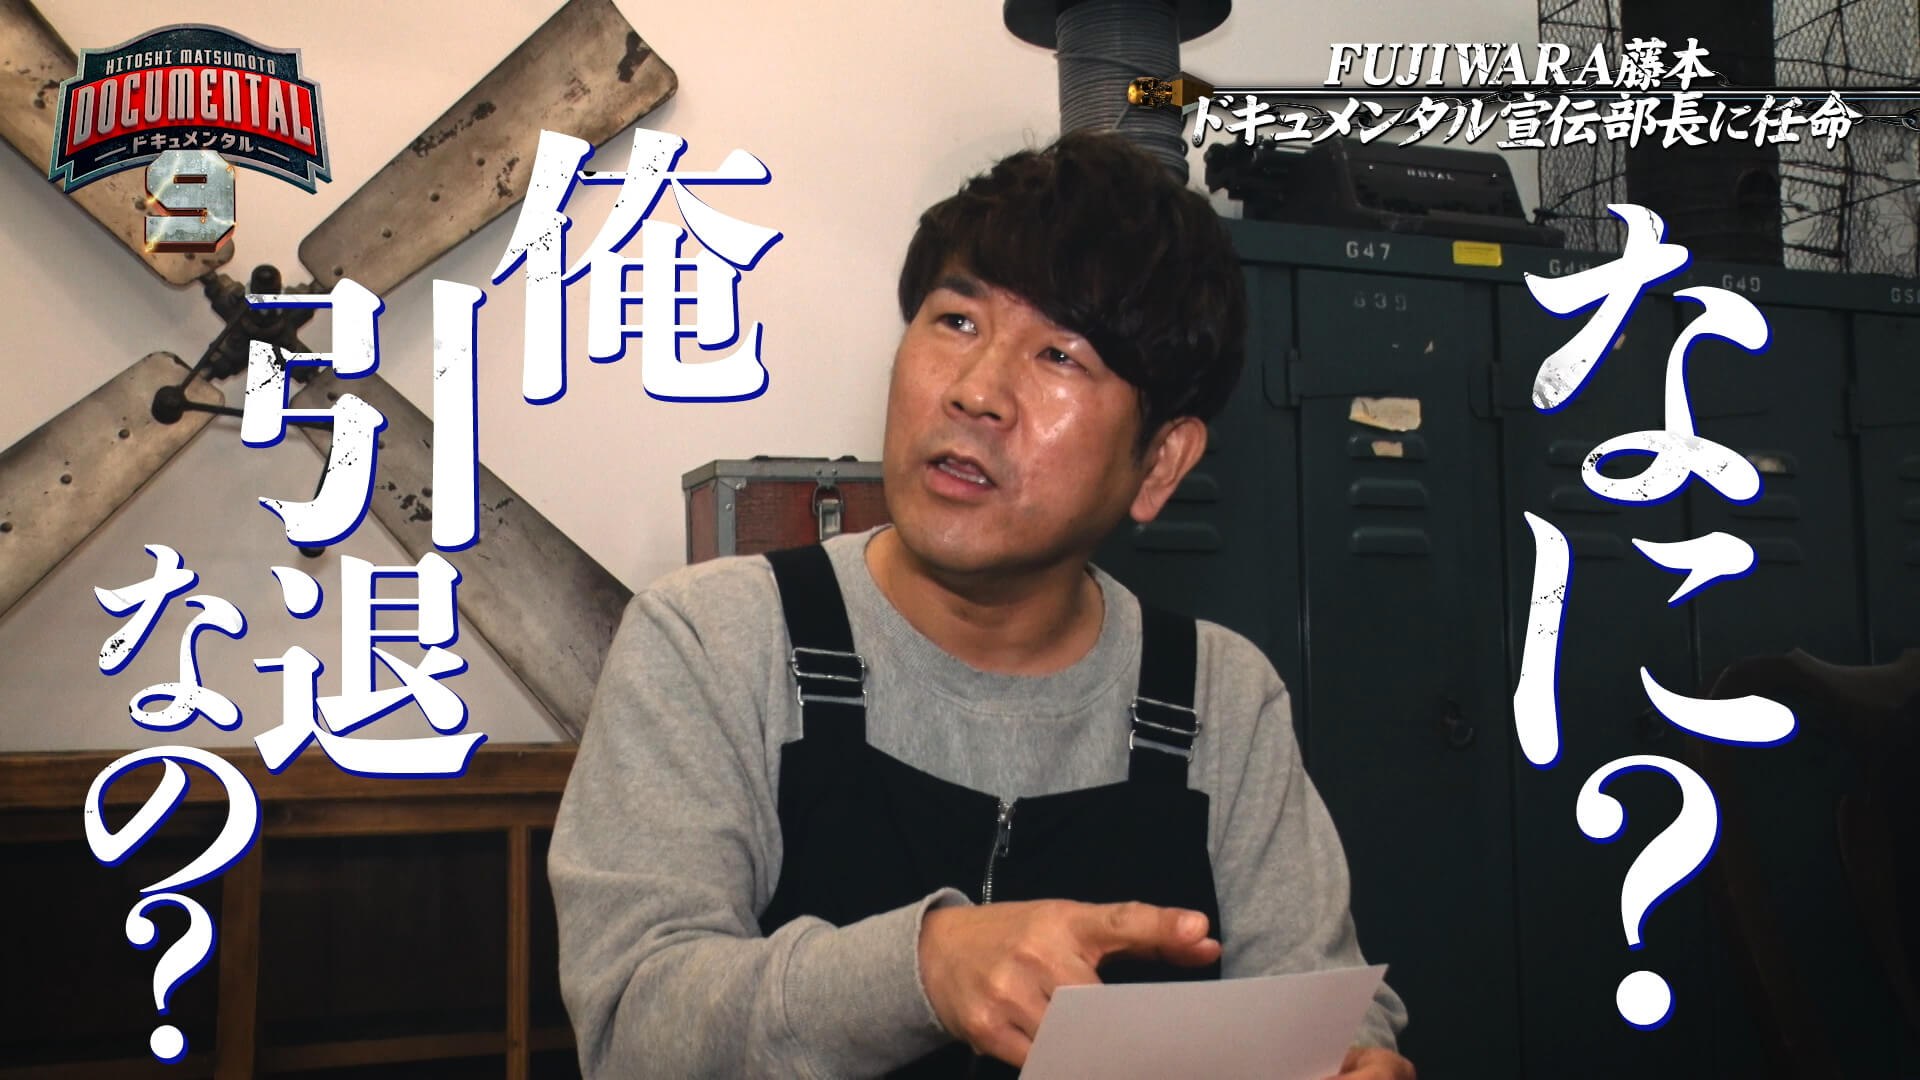 フジモンが『ドキュメンタル』シーズン9の宣伝部長に就任で出場者を大予想!?FUJIWARA藤本敏史、かまいたち濱家らが登場する特別番組が公開 art210203_documental_5